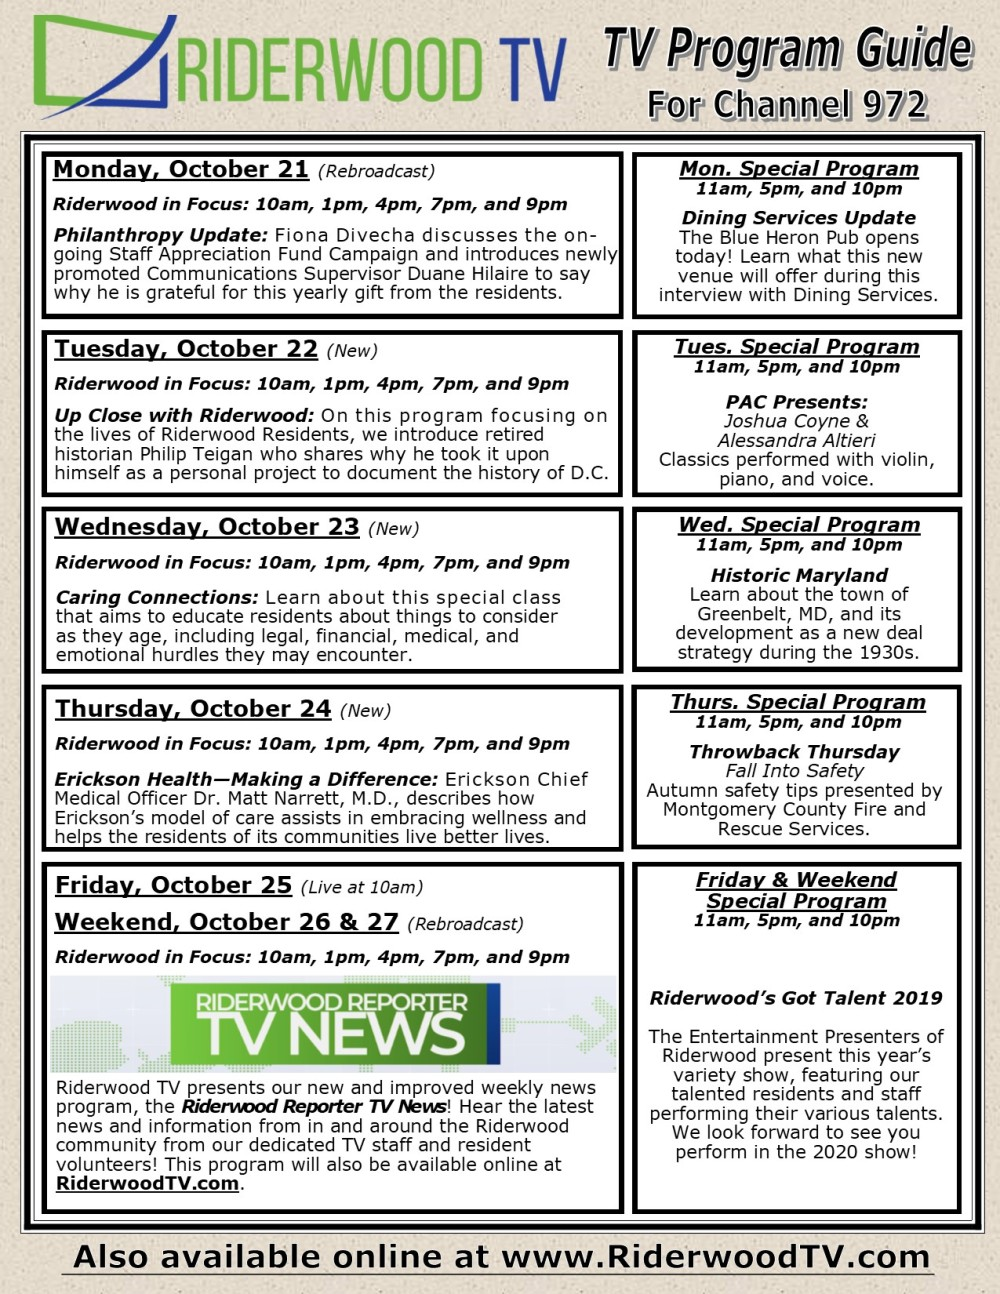 TV_Guide_October21_October27.jpg